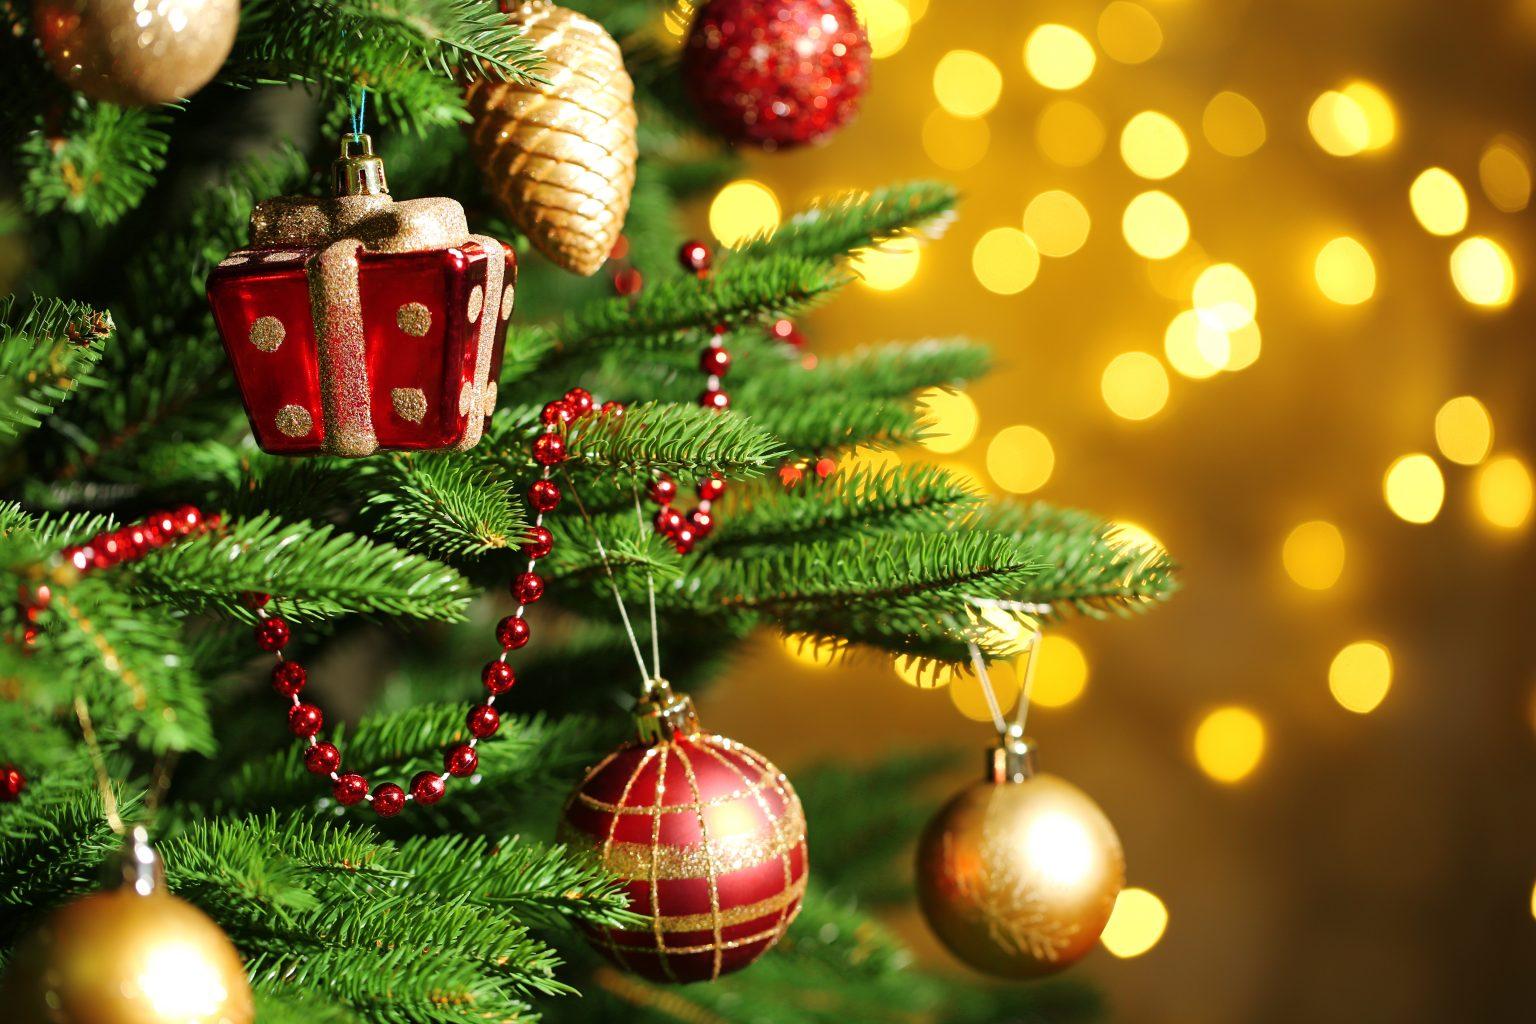 Auguri Di Natale Al Datore Di Lavoro.I 10 Film Senza I Quali Non E Natale Tanti Auguri Da Ciak Ciak